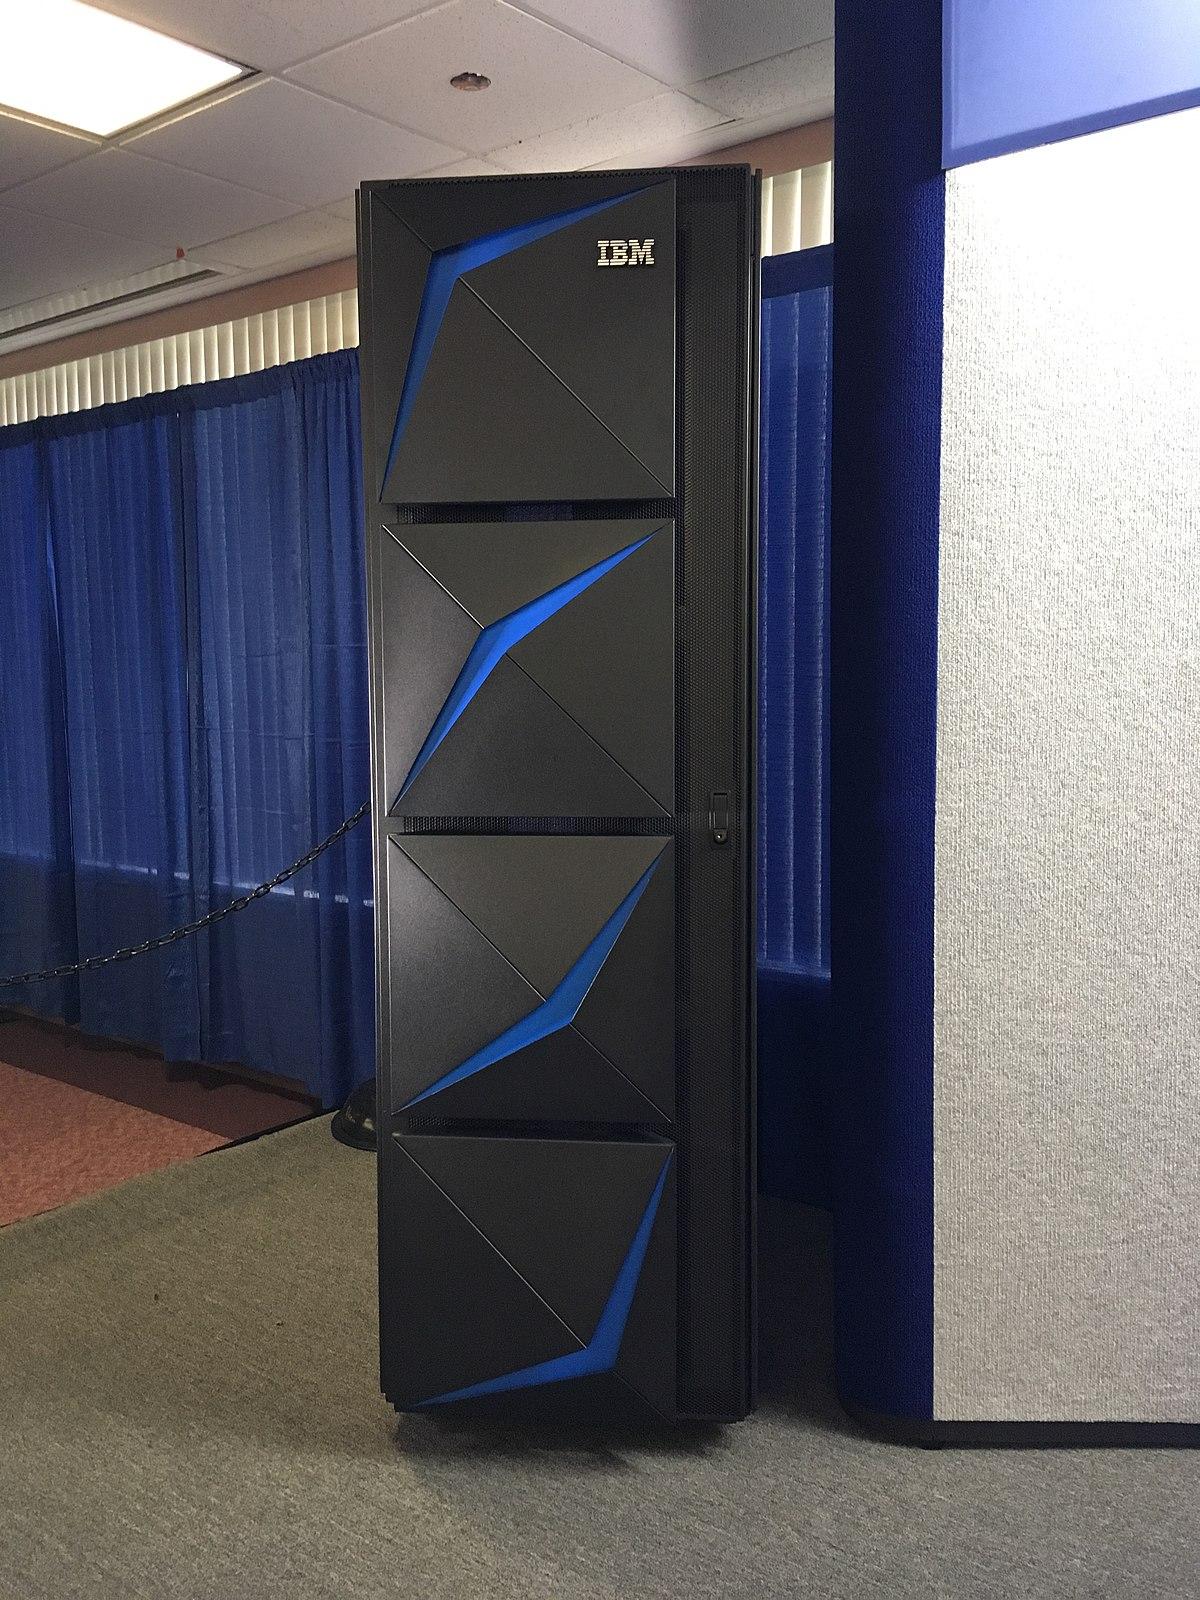 IBM Z - Wikipedia